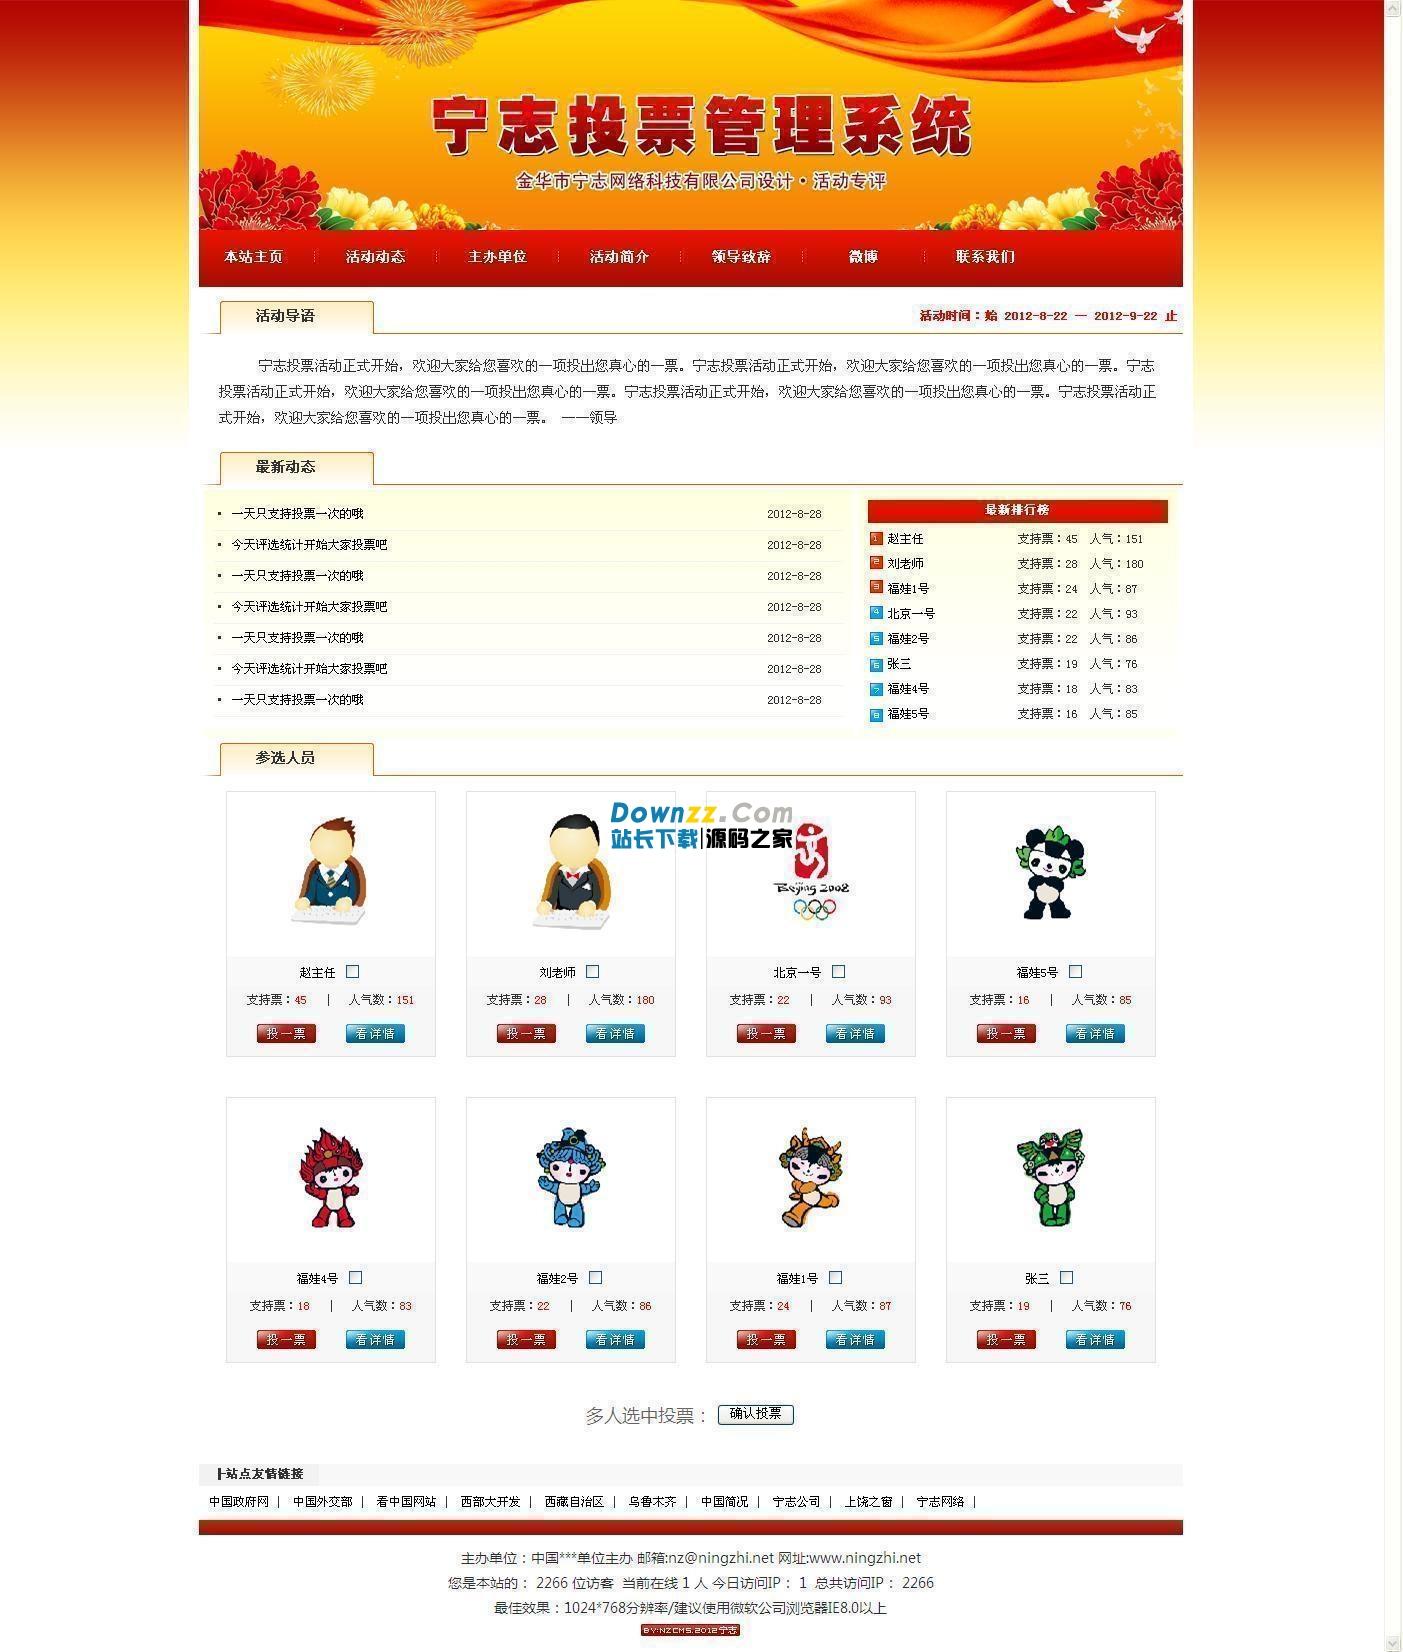 活动投票评选网站管理系统 v18.6.27